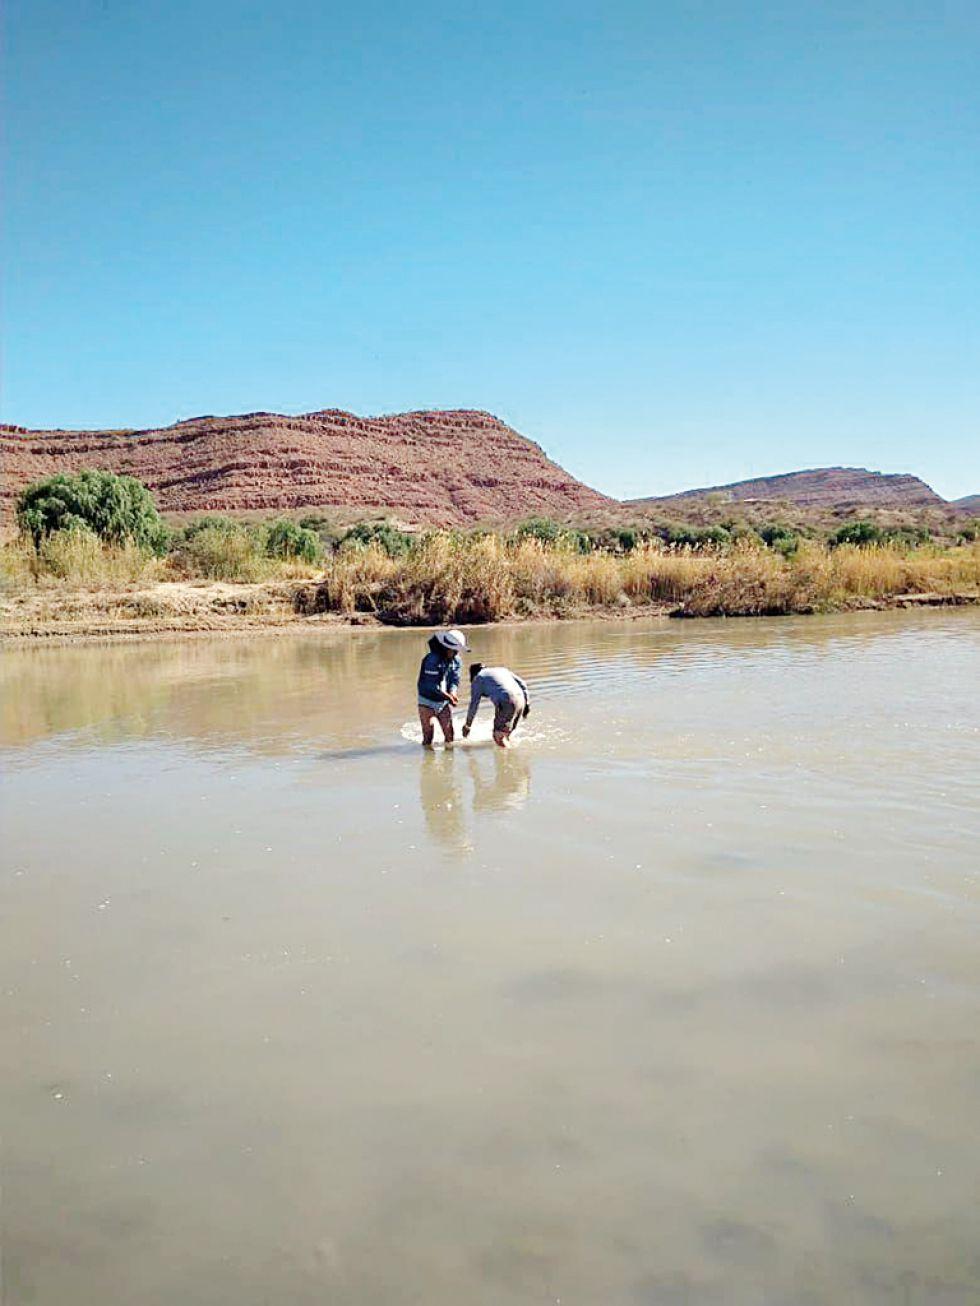 Reparan ducto averiado en el río San Juan del Oro entre El Puente y Las Carreras